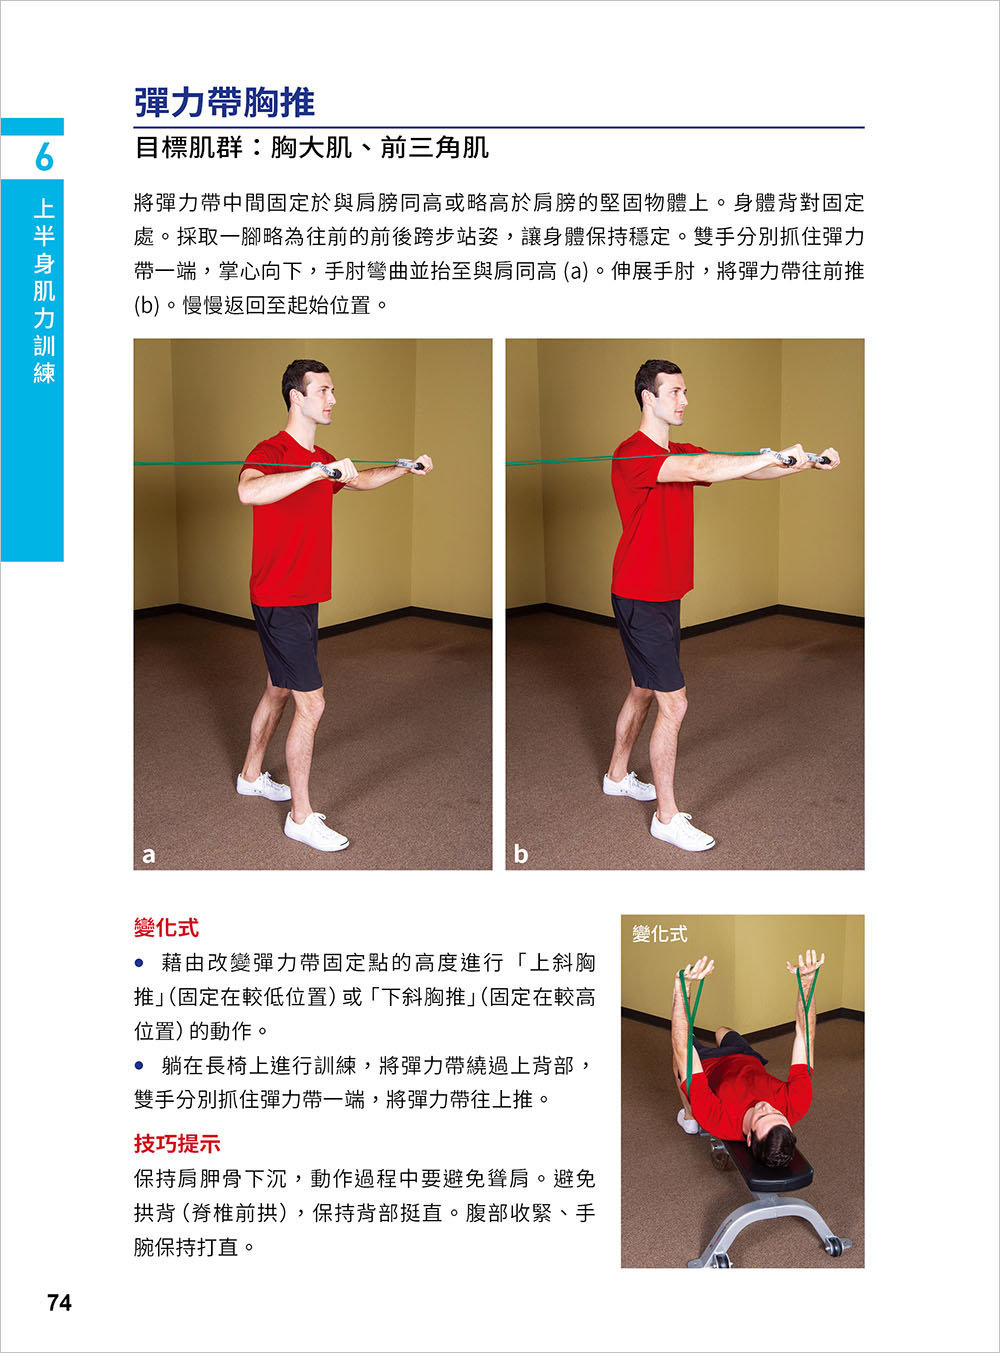 彈性阻力帶肌力訓練大全 162 式最新版 : 健身與功能性訓練、復健與預防肌少症 全適用-preview-3